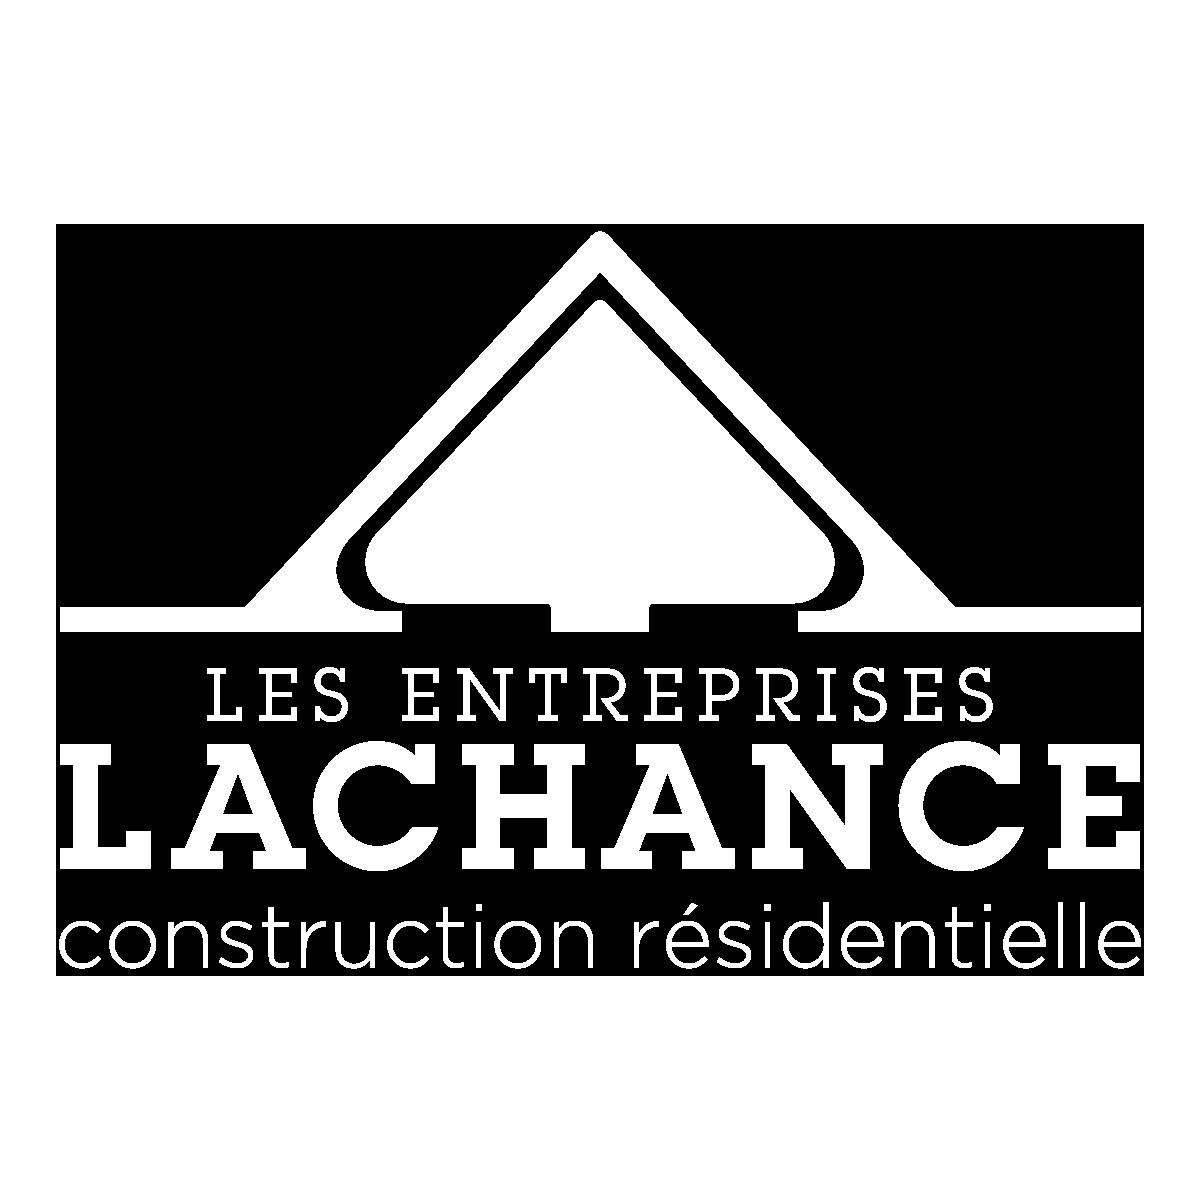 Les Entreprises Lachance, client de Agence Oz